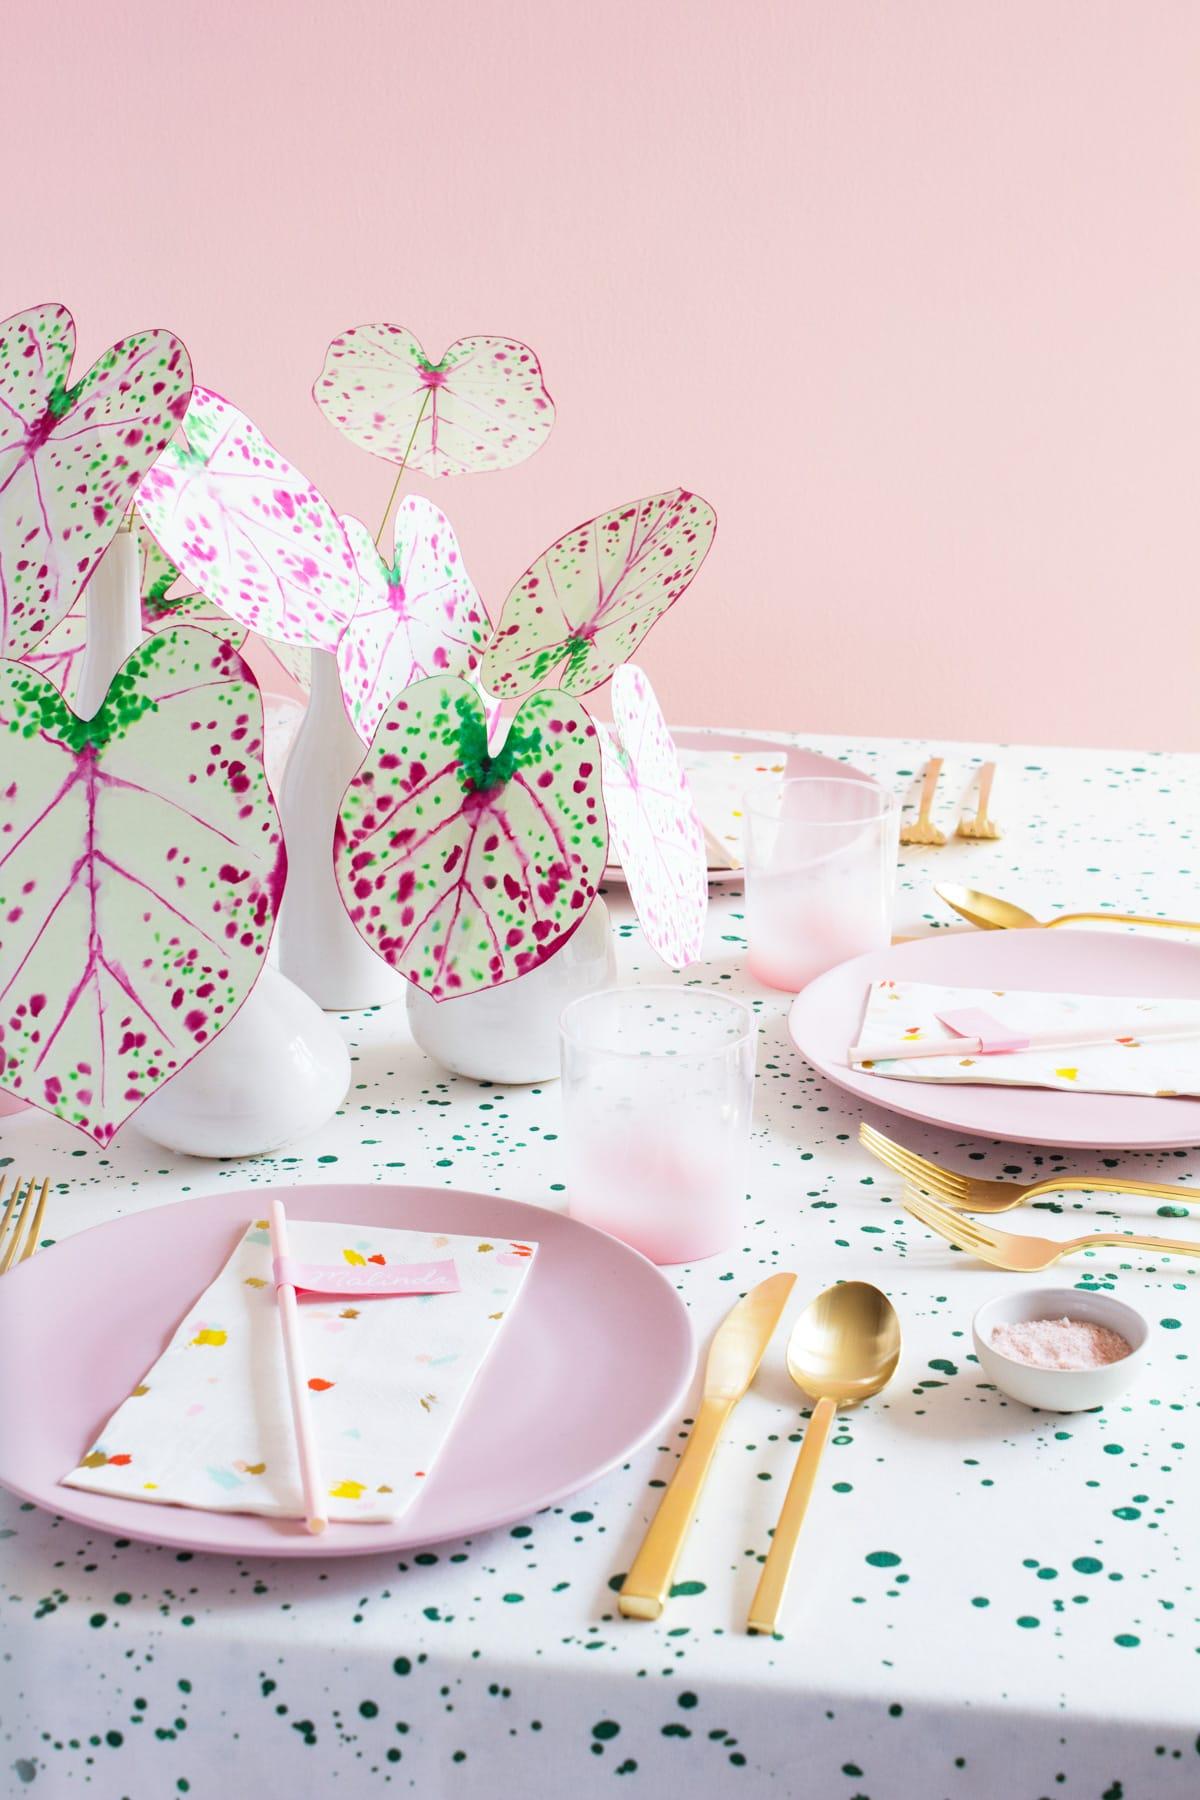 photo de la façon dont l'usine de papier de bricolage avec les fournitures de fête Sugar & Cloth par la meilleure blogueuse de mode de vie de Houston Ashley Rose de Sugar & Cloth